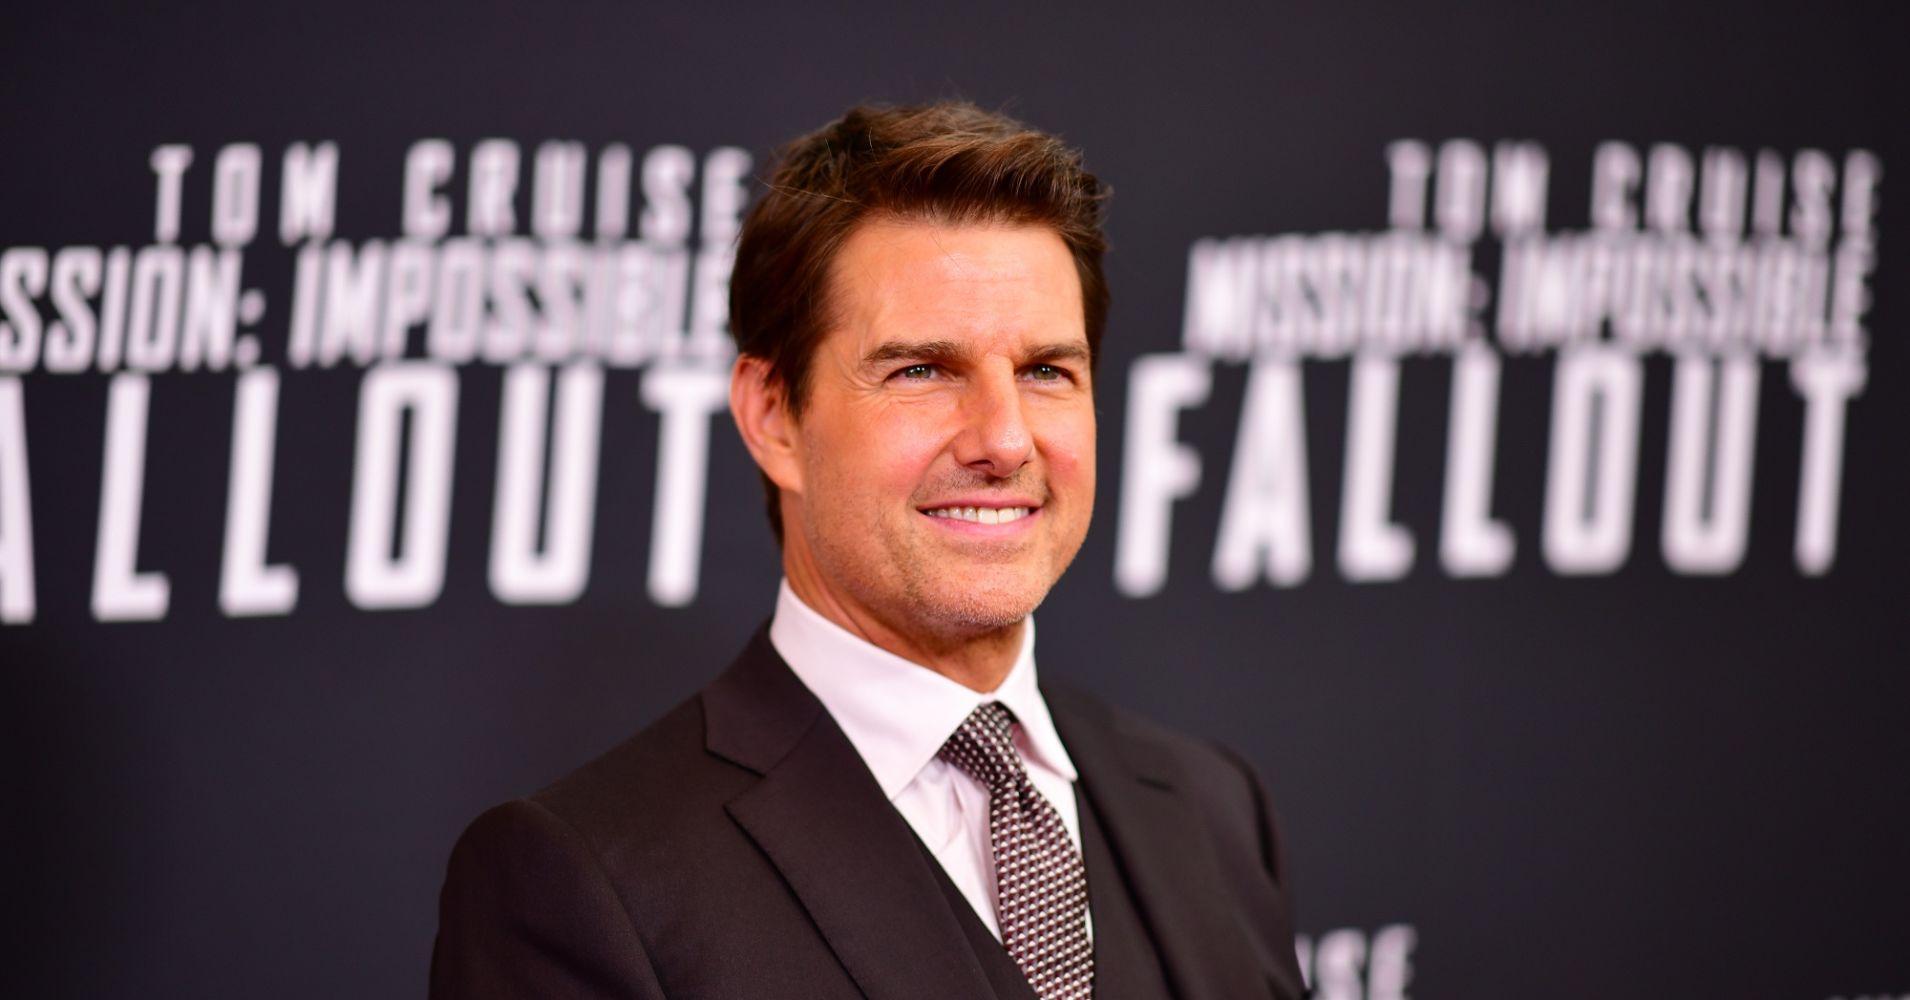 Här är Tom Cruise SVAR om framtiden inom Mission: Impossible-serien